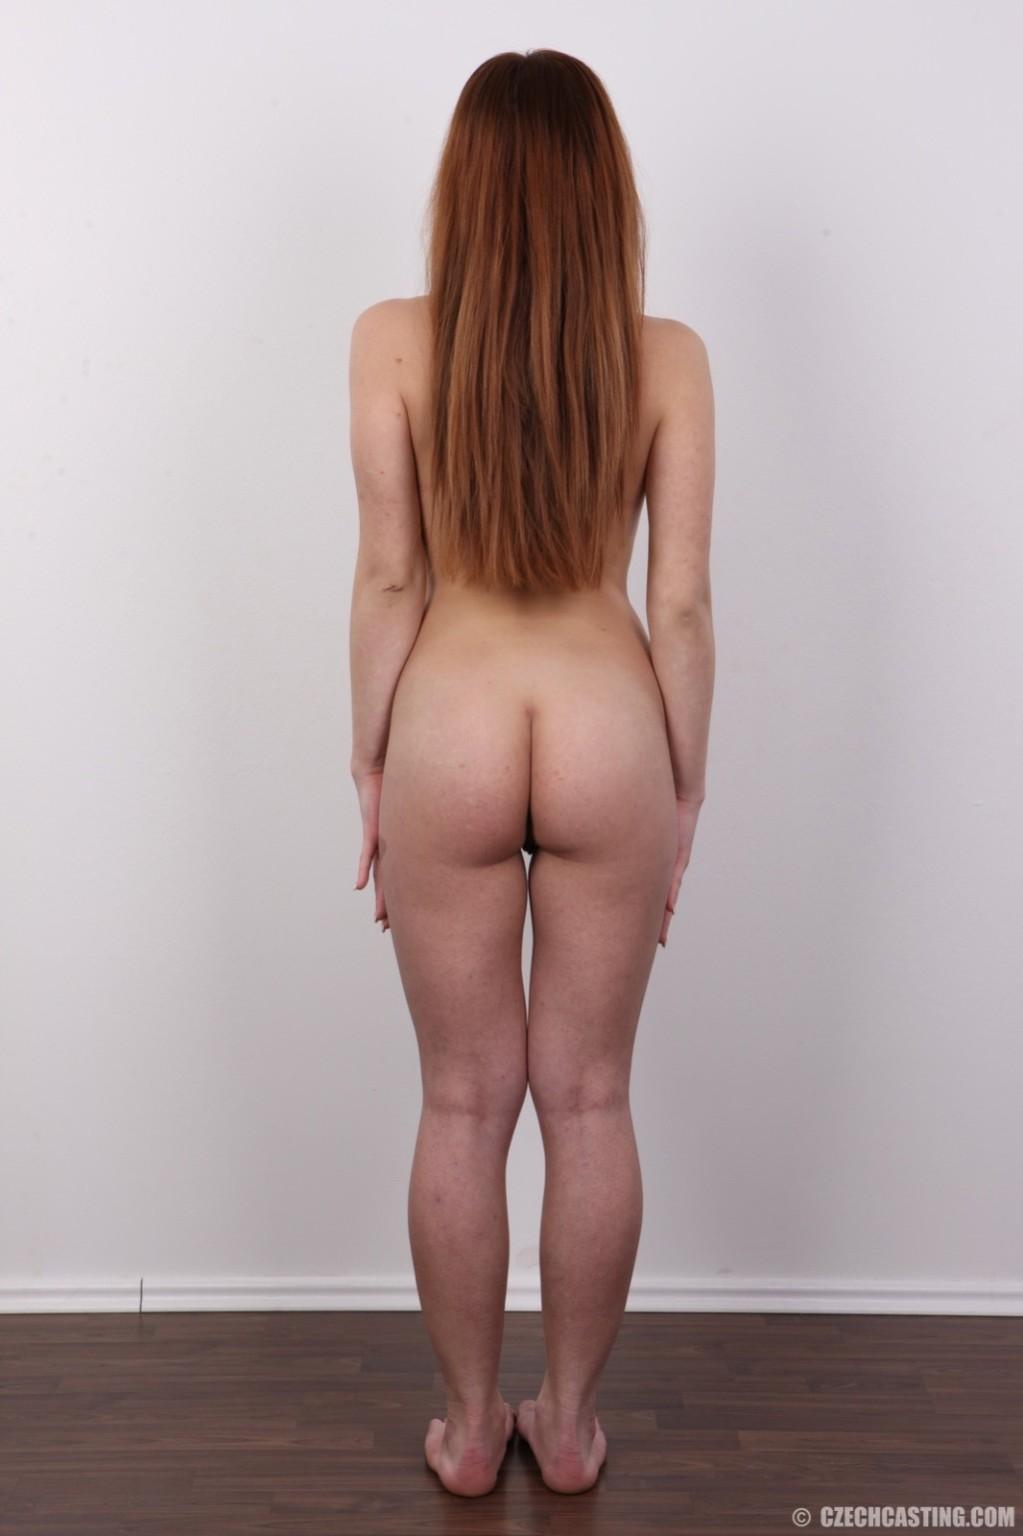 Скромная телочка показала лобок и раздвинула ножки на кастинге